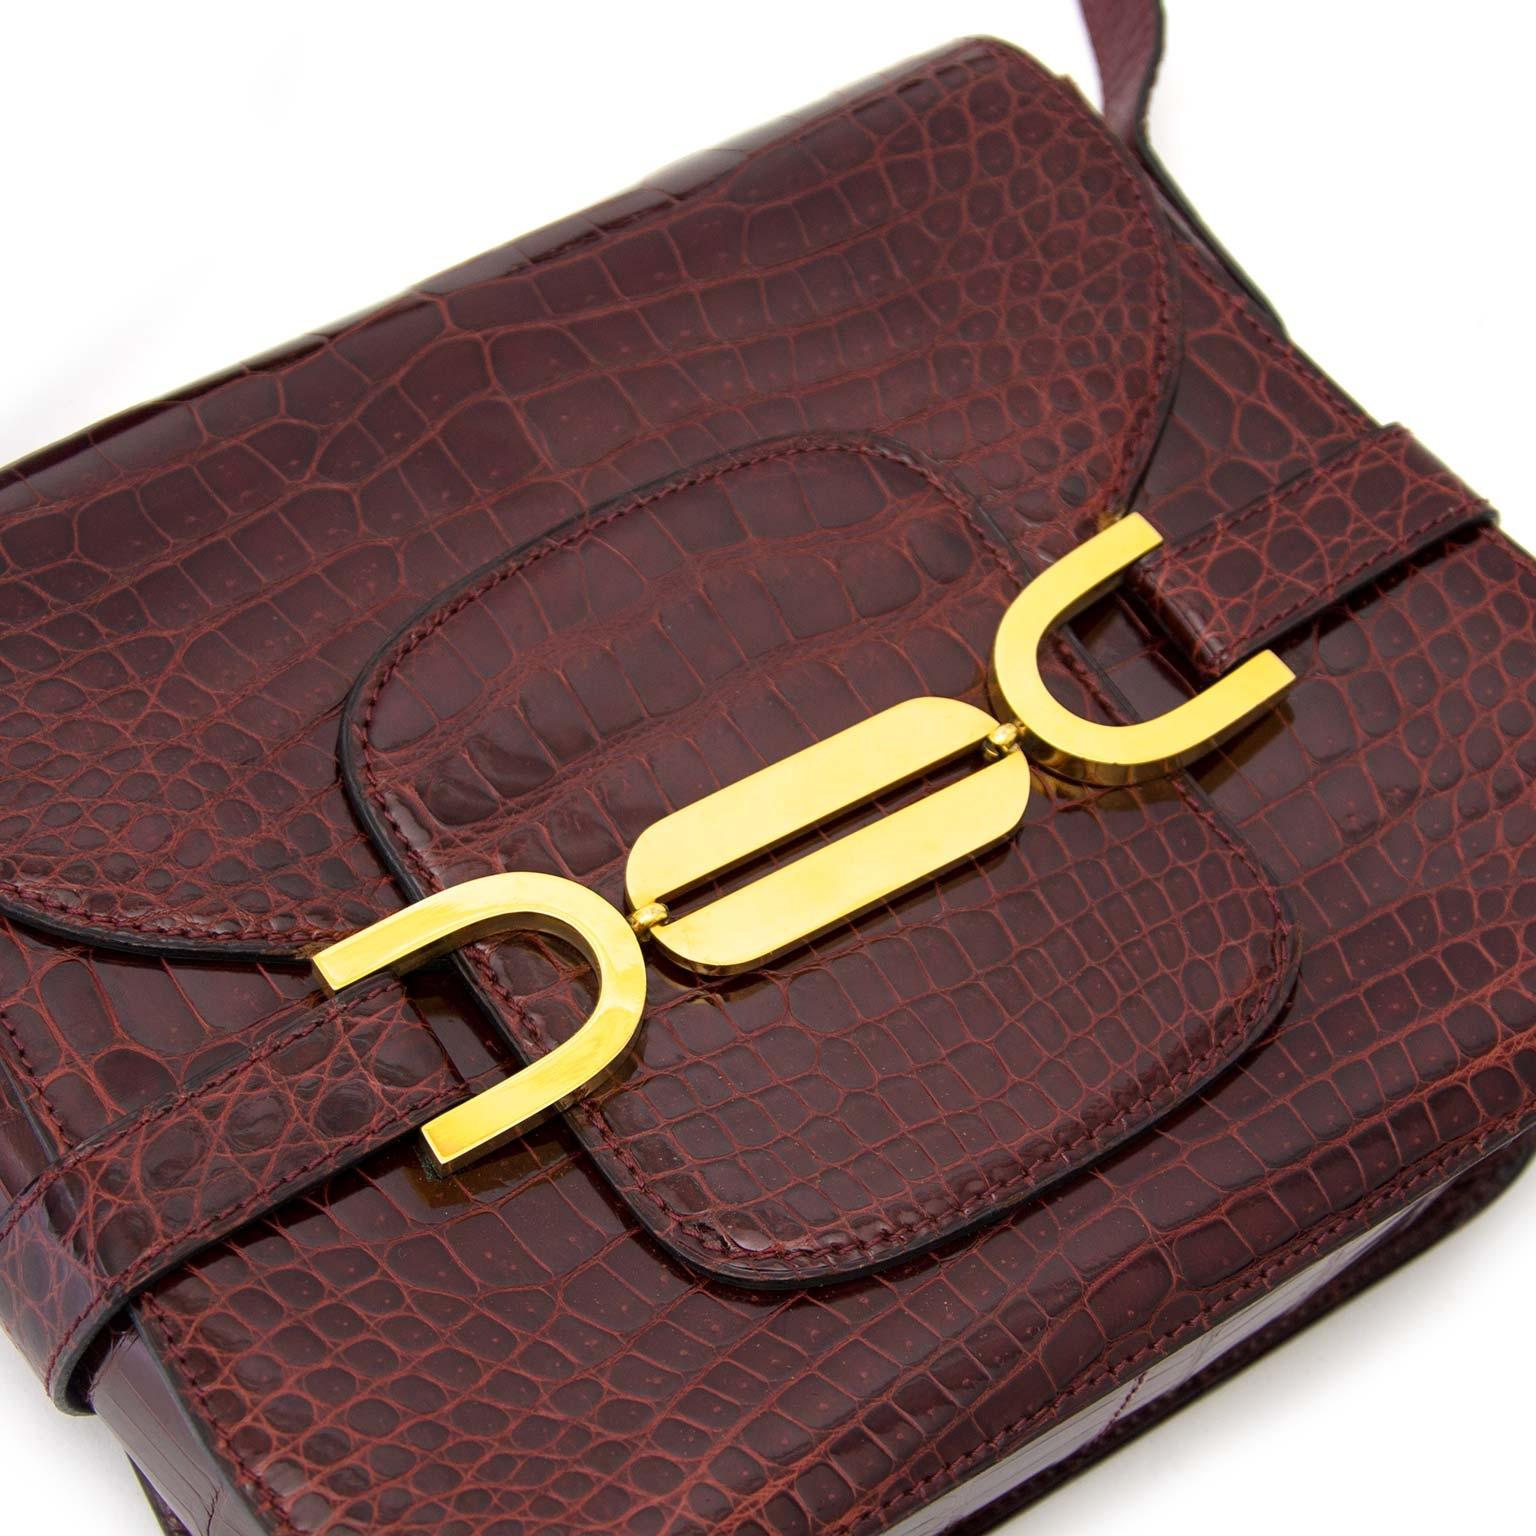 shop safe and secure online at labellov.com Delvaux Vintage Bordeaux Croco Leather Bag